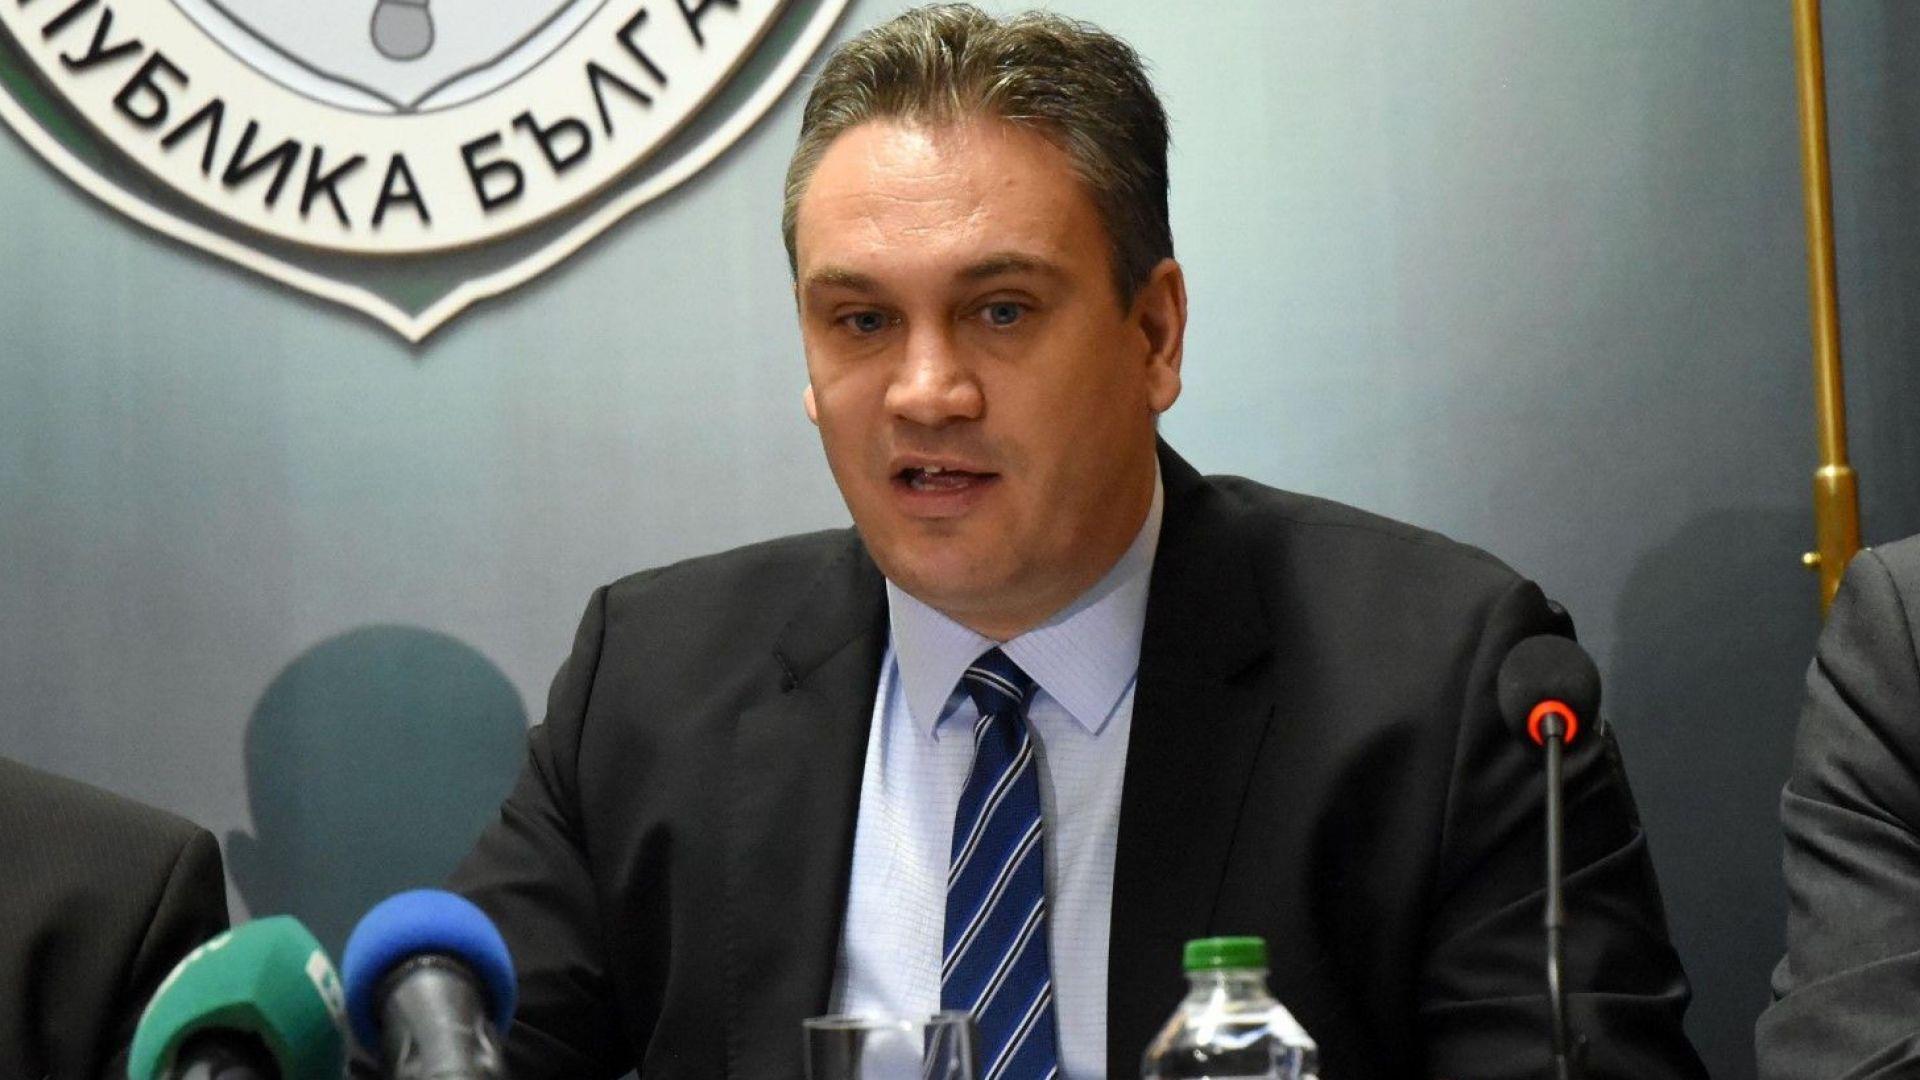 Висшият съдебен съвет върна Пламен Георгиев на работа в Спецпрокуратурата